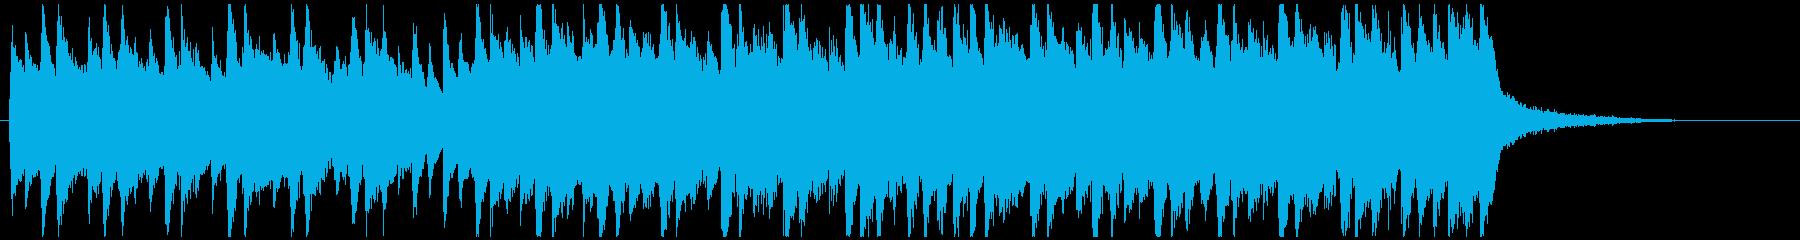 企業系ピアノジングル 爽やかで明るいの再生済みの波形